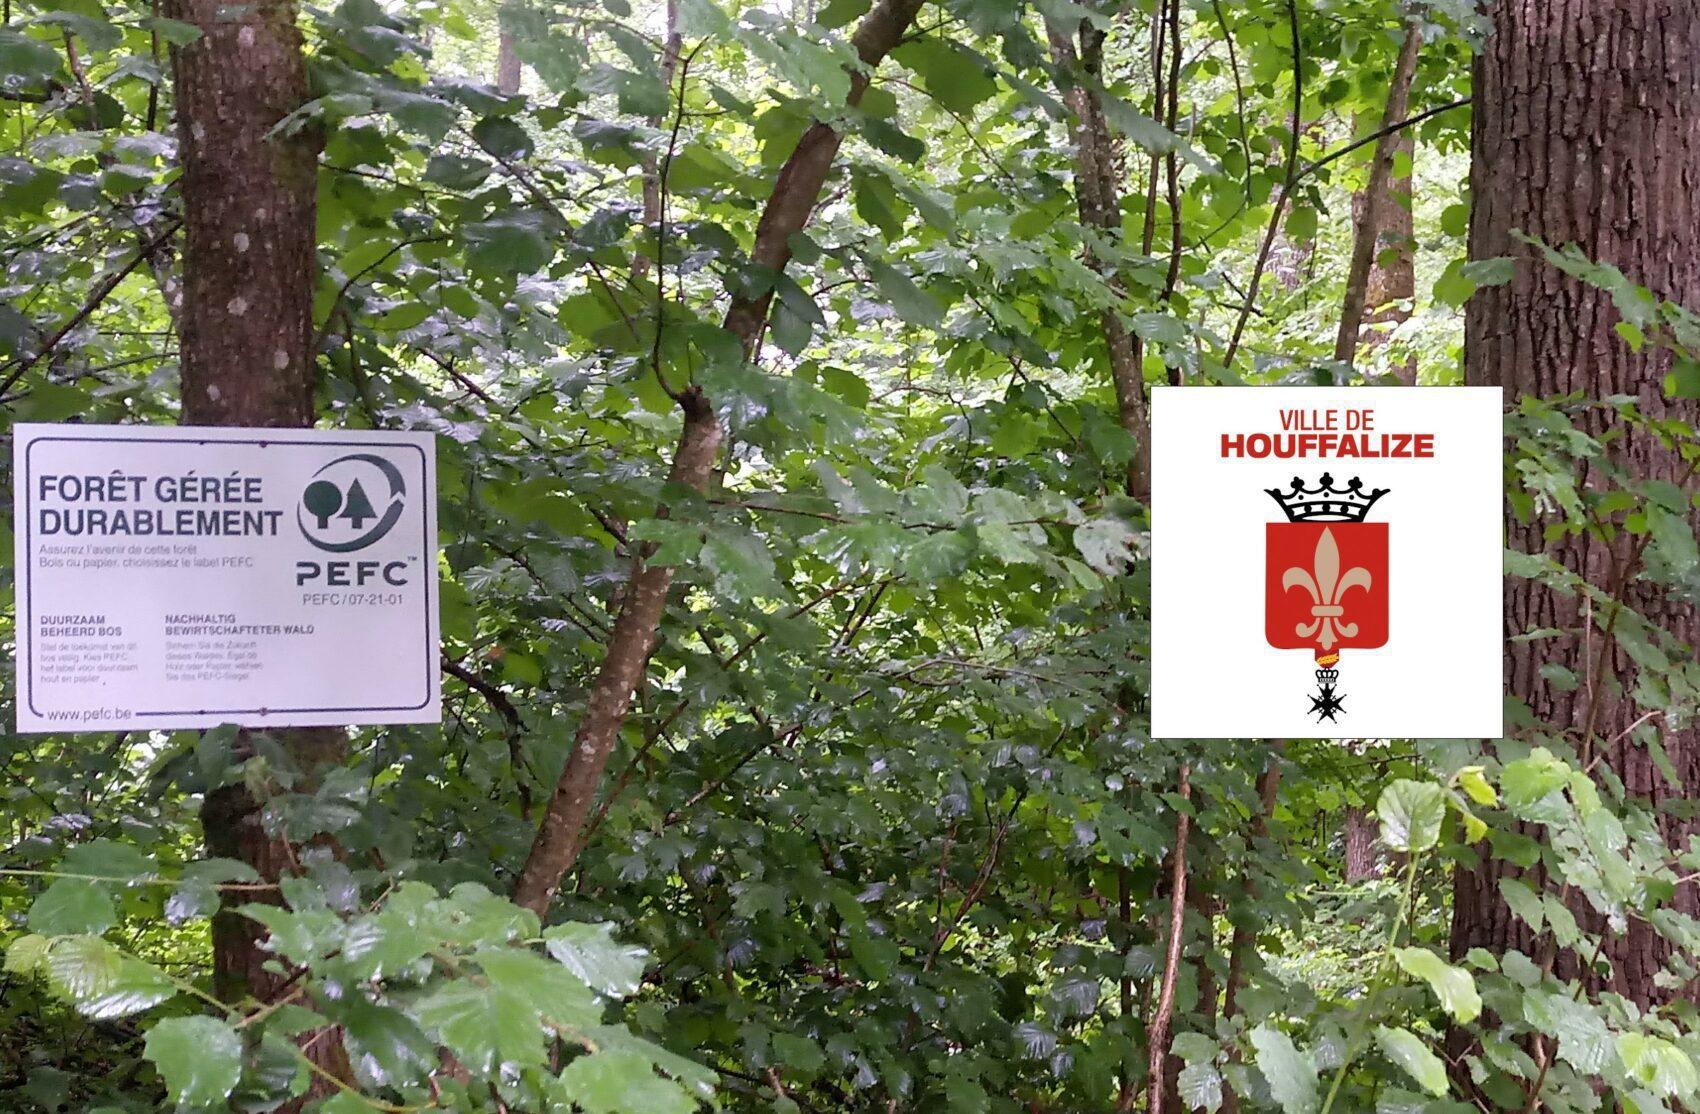 Principes de gestion durable et certification PEFC des forêts de votre commune - Houffalize